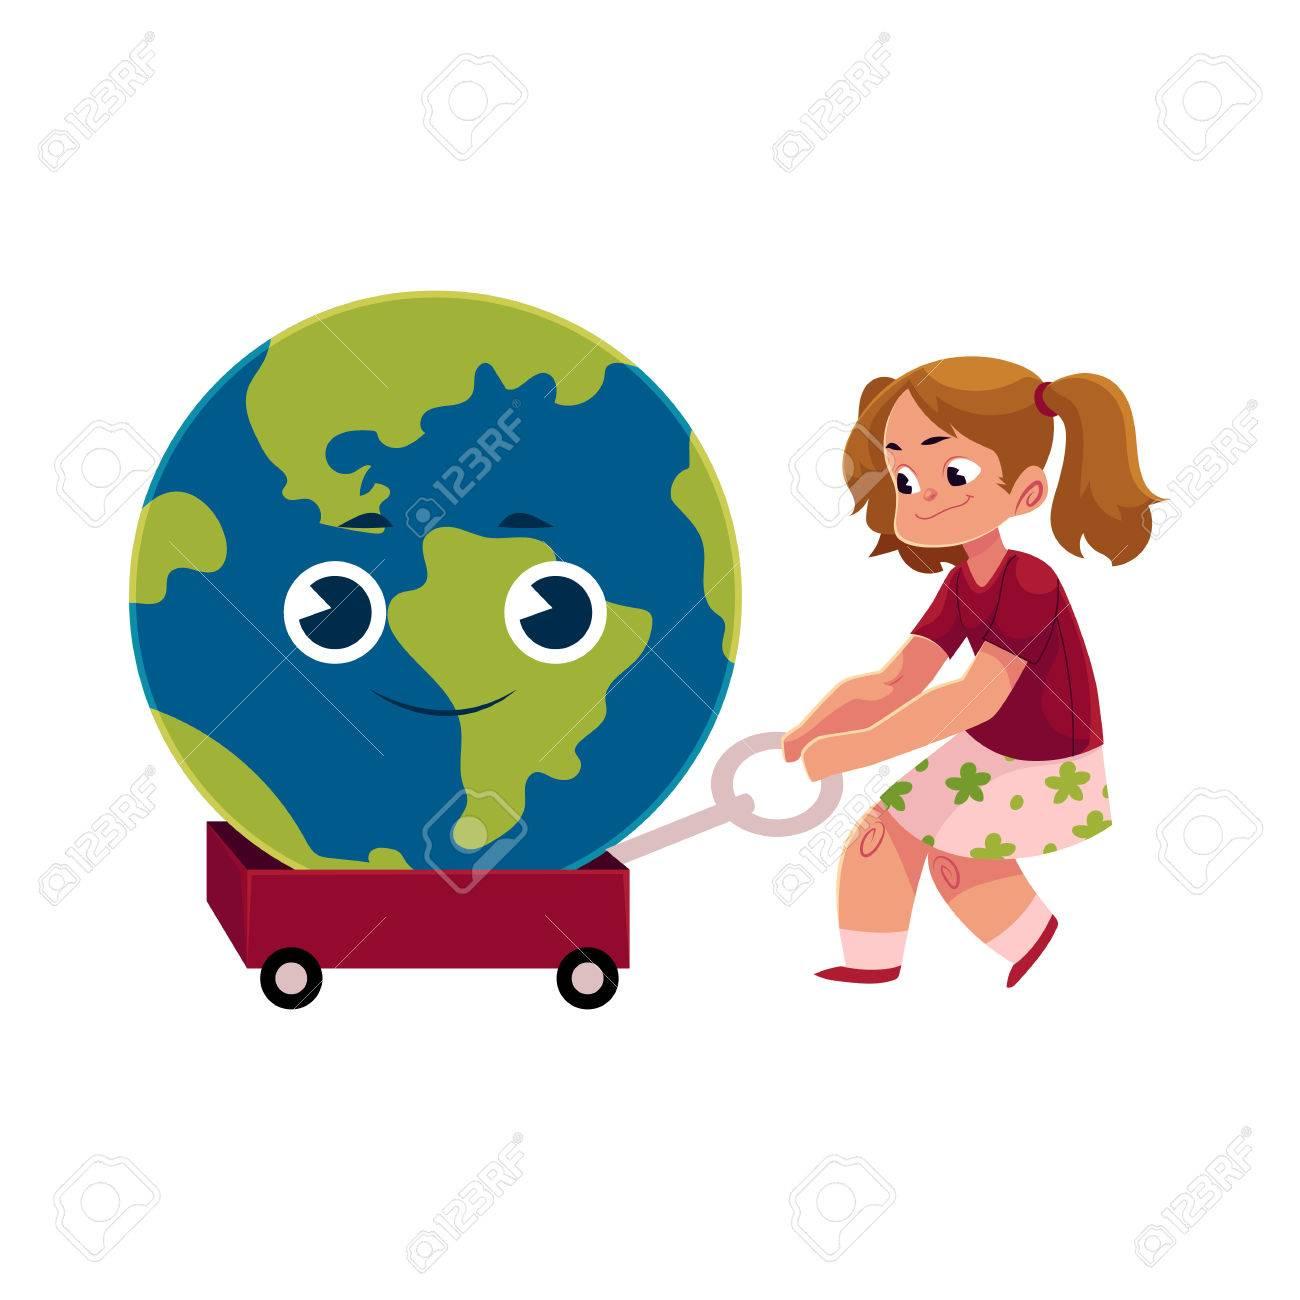 Fille Tirant Litttle Panier Avec Sourire Globe Personnage De Planète Terre Illustration De Vecteur De Dessin Animé Isolé Sur Fond Blanc Jolie Fille